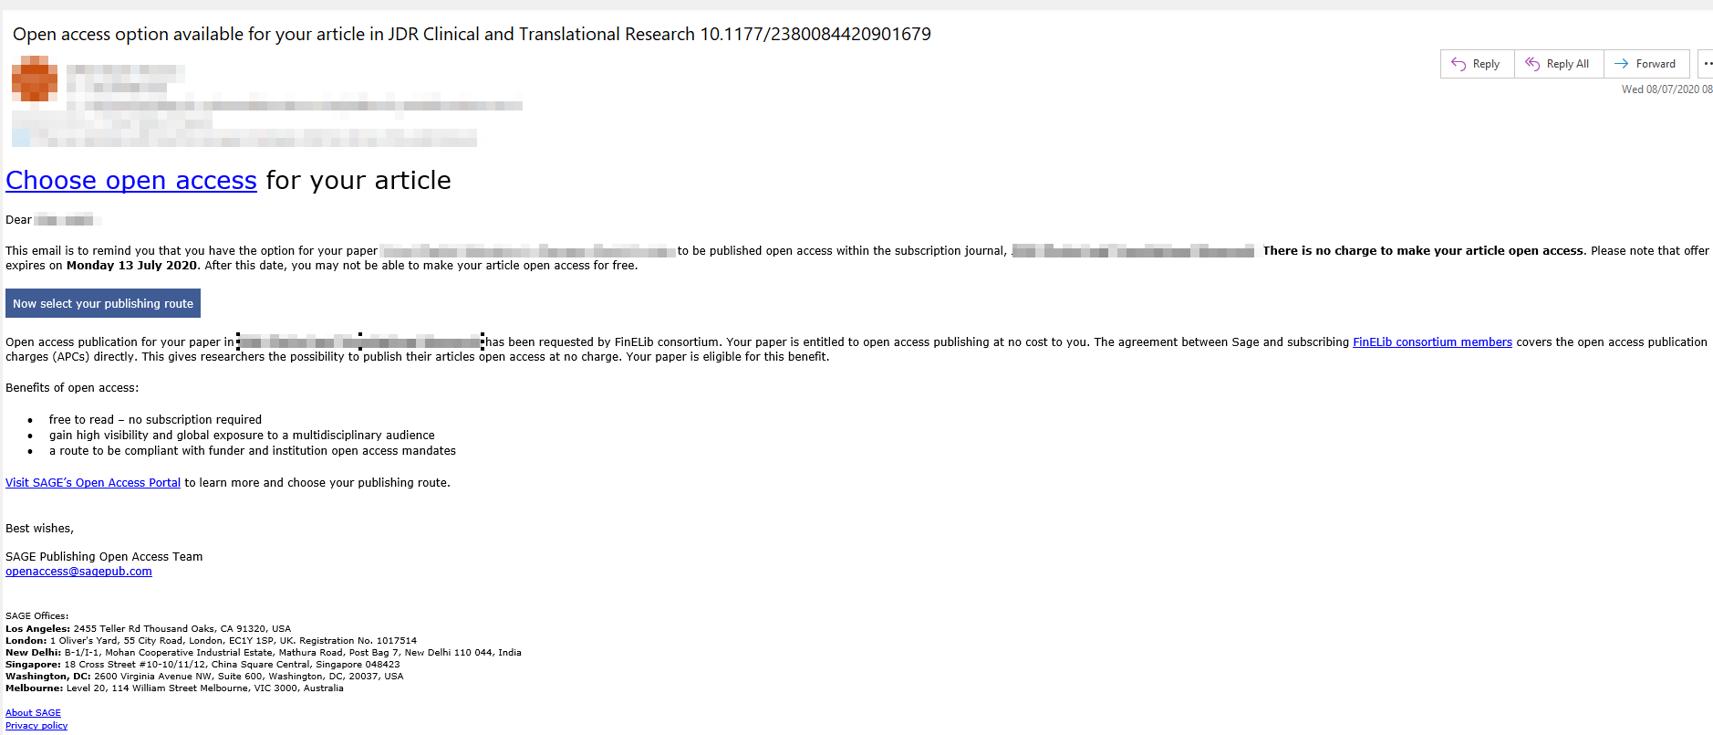 Muistutusviesti, jonka SAGE lähettää kirjoittajalle avoimen julkaisemisen mahdollisuudesta.